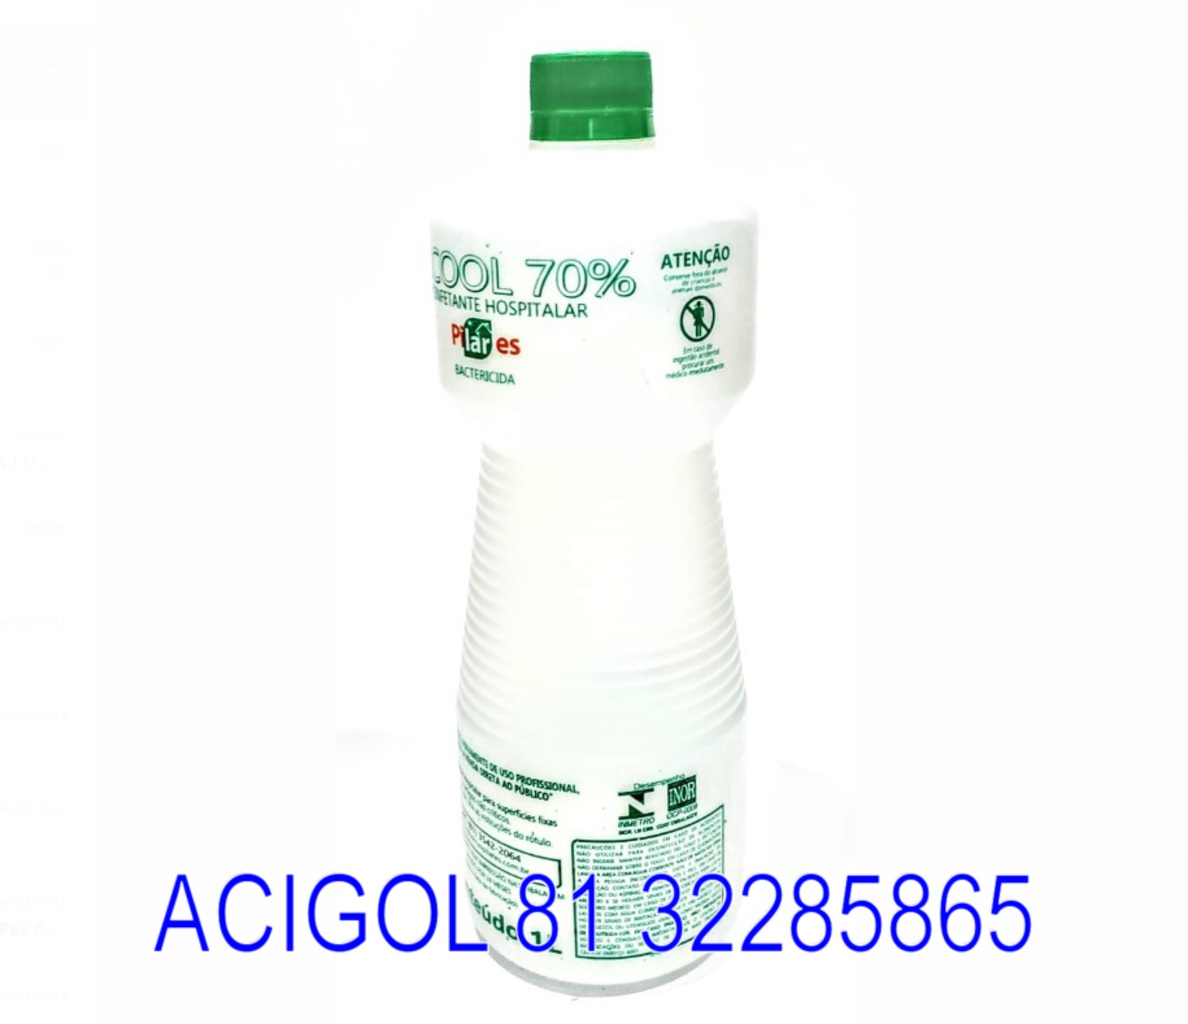 ALCOOL ETILICO HIDRATADO PILARES LIQUIDO 70 INCM COM 1 LITRO - ACIGOL RECIFE 81 32285856